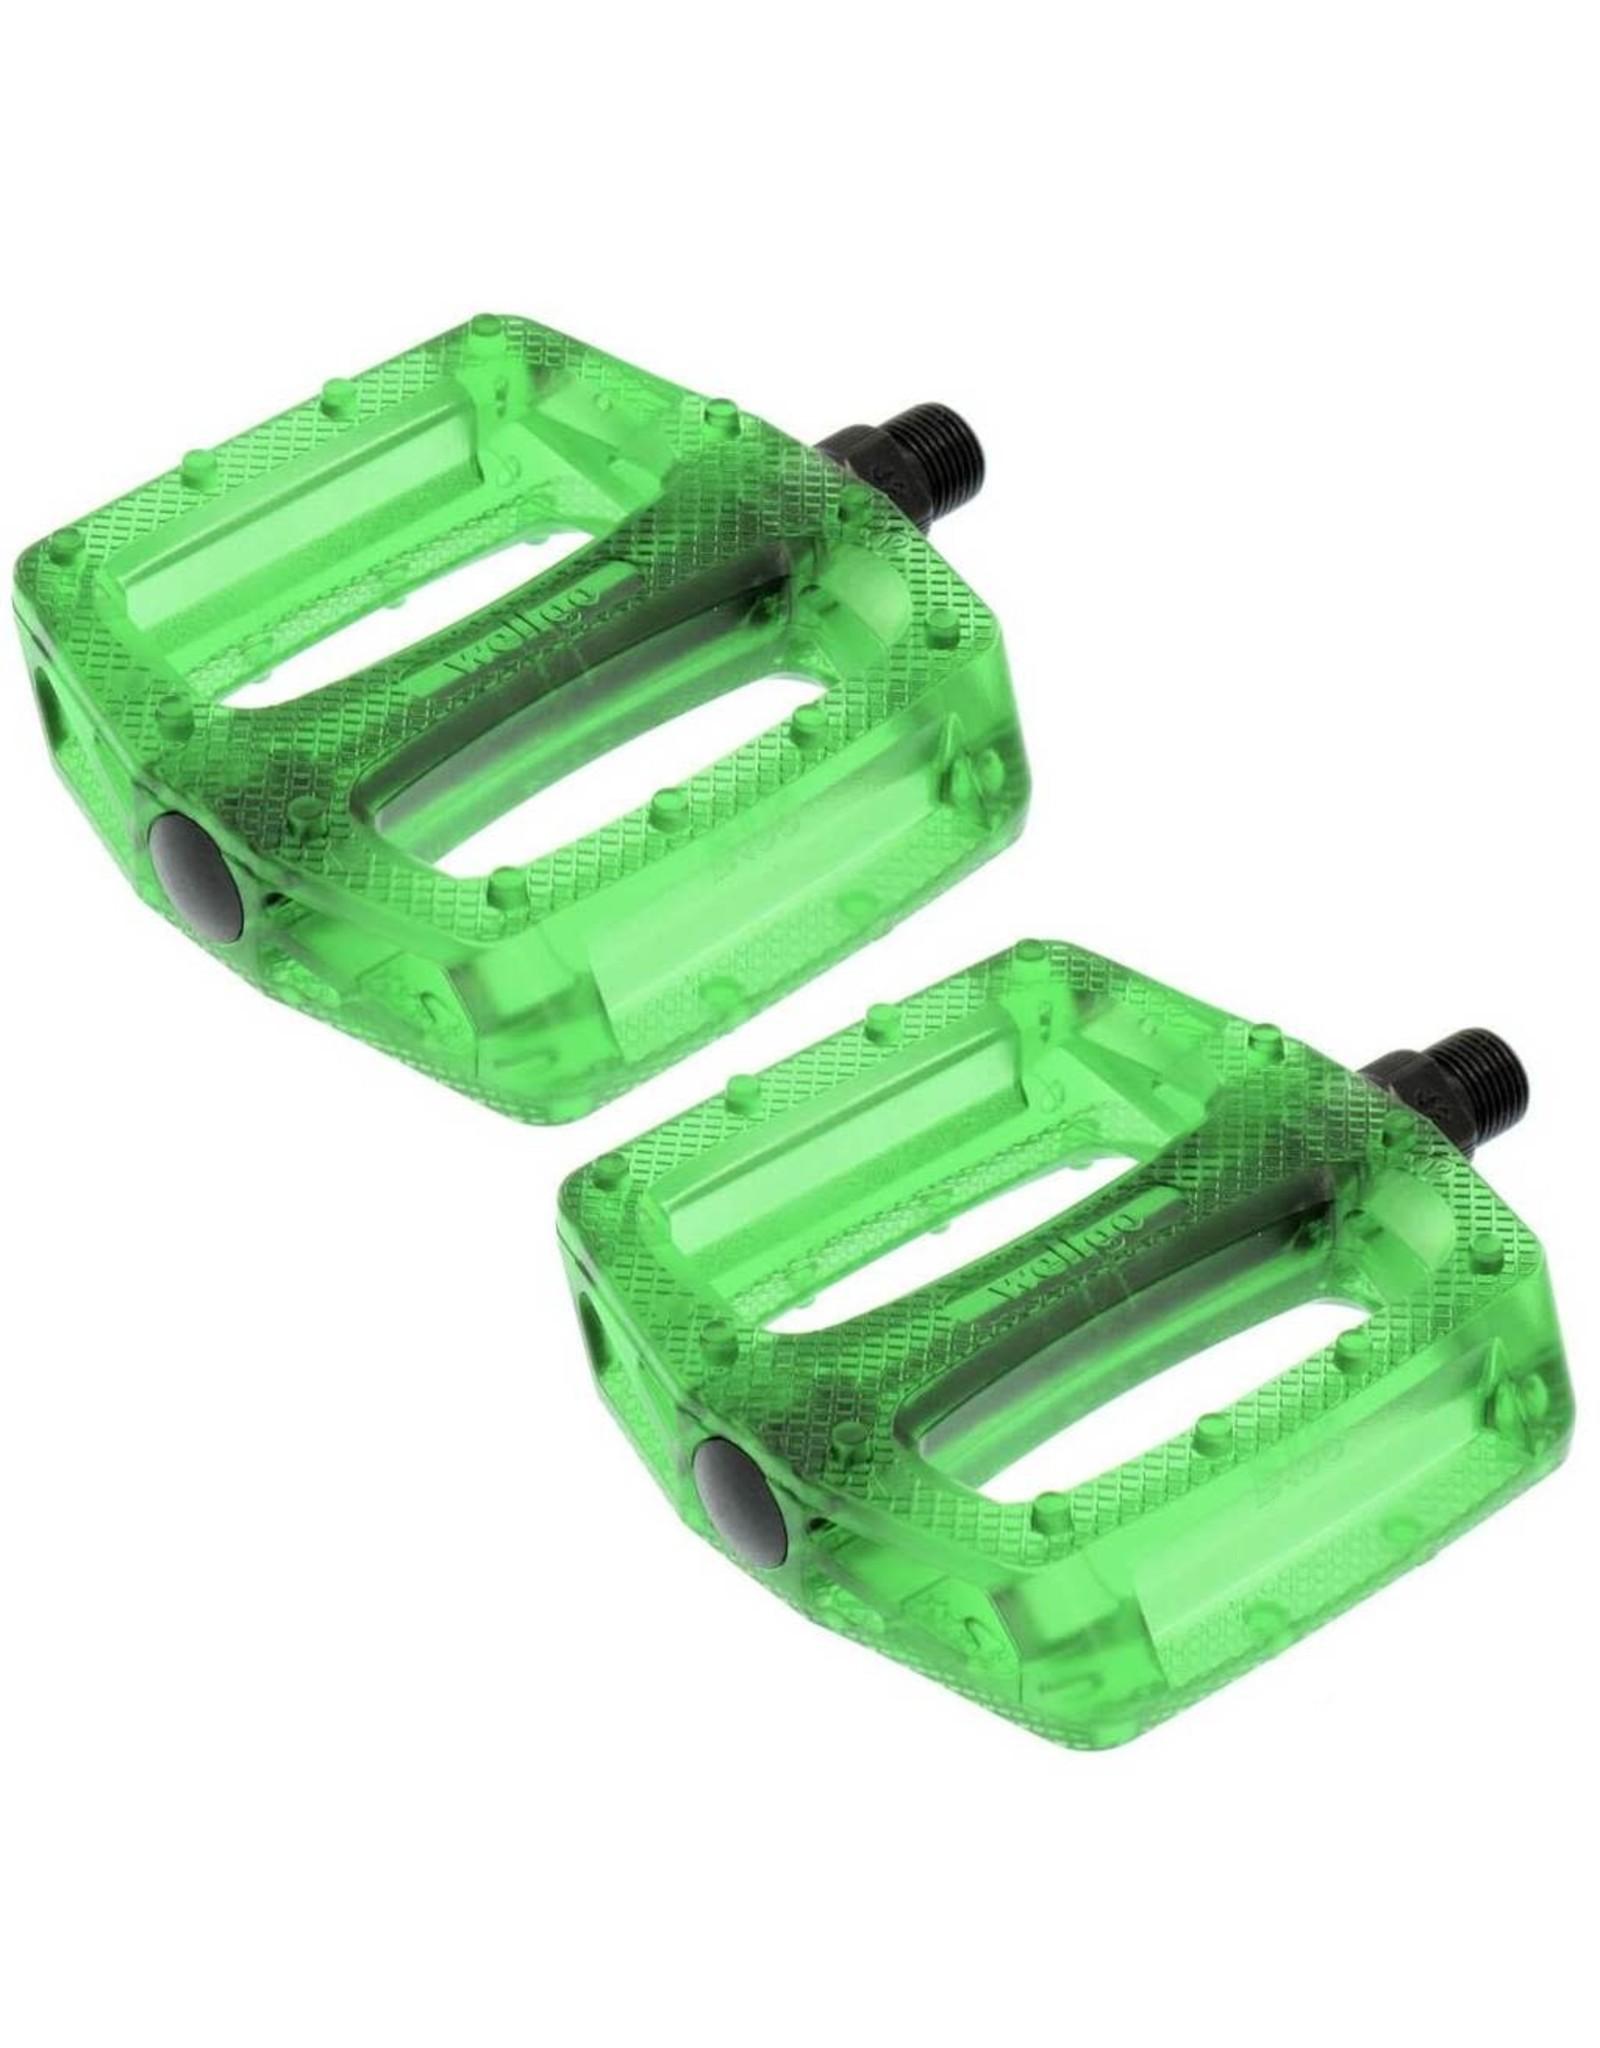 WELLGO B107P Translucent Plastic Pedal